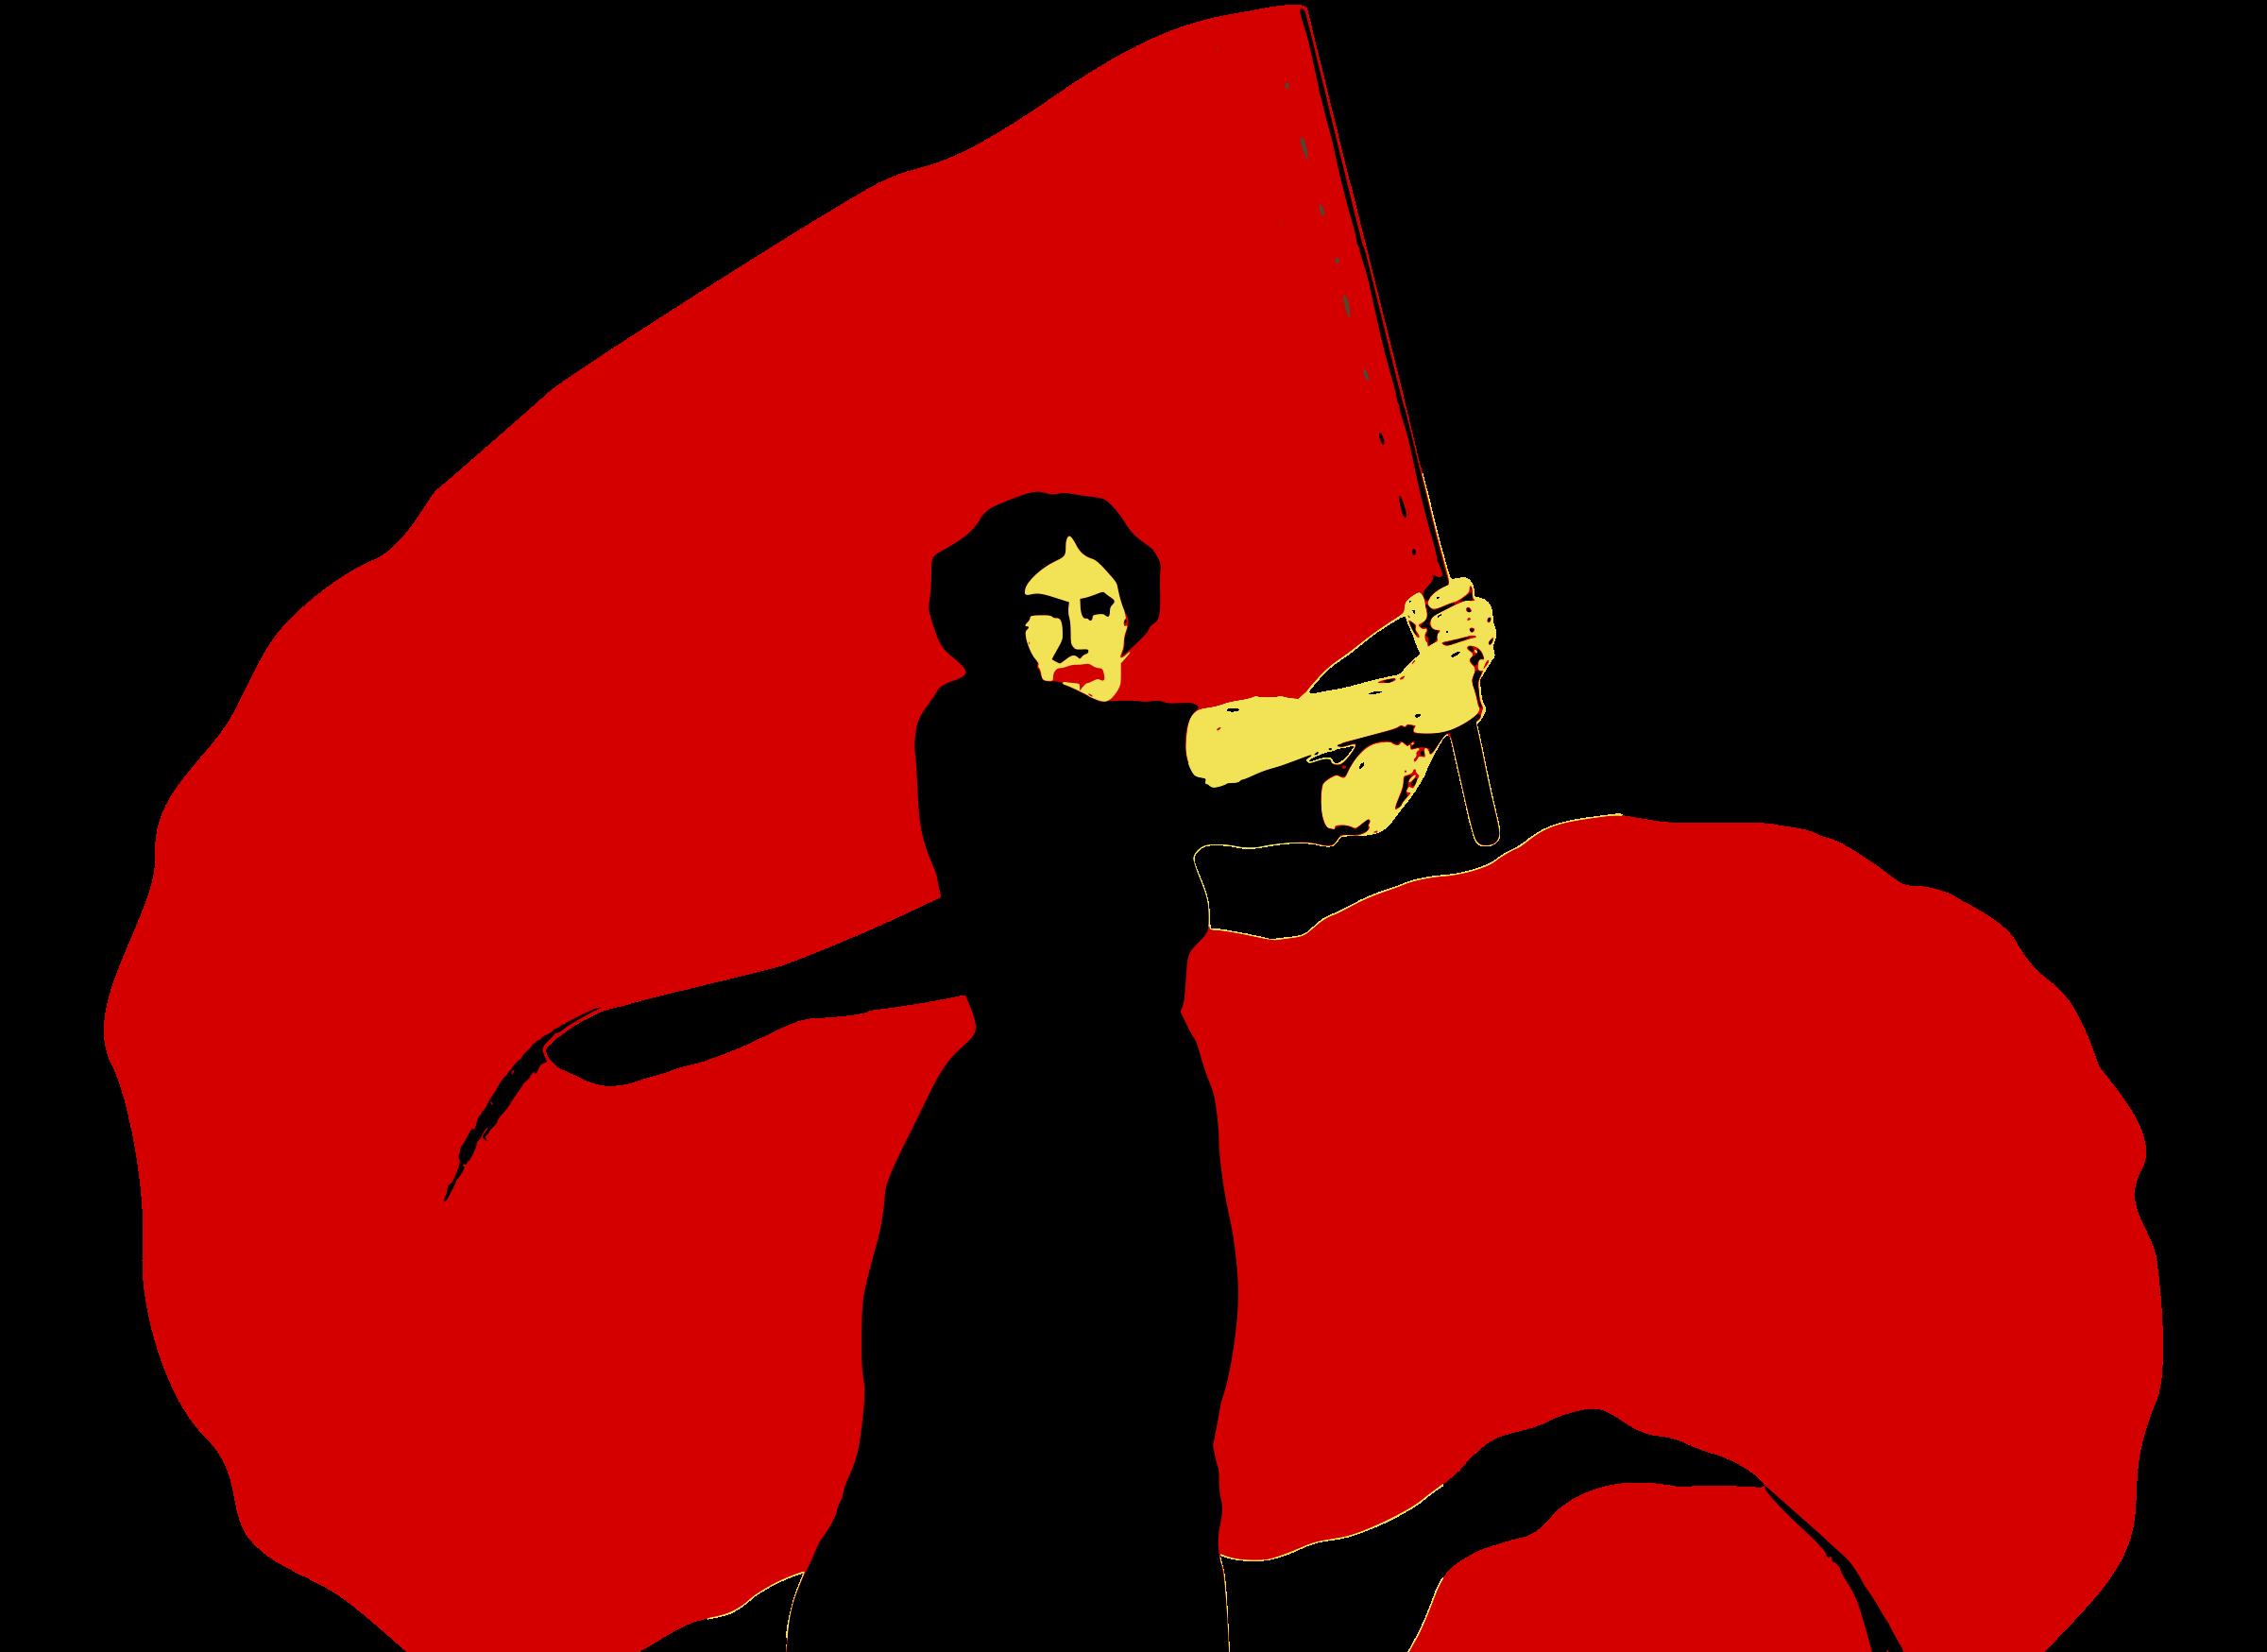 سوشلسٹ انقلاب اور حقوقِ نسواں کی جدوجہد